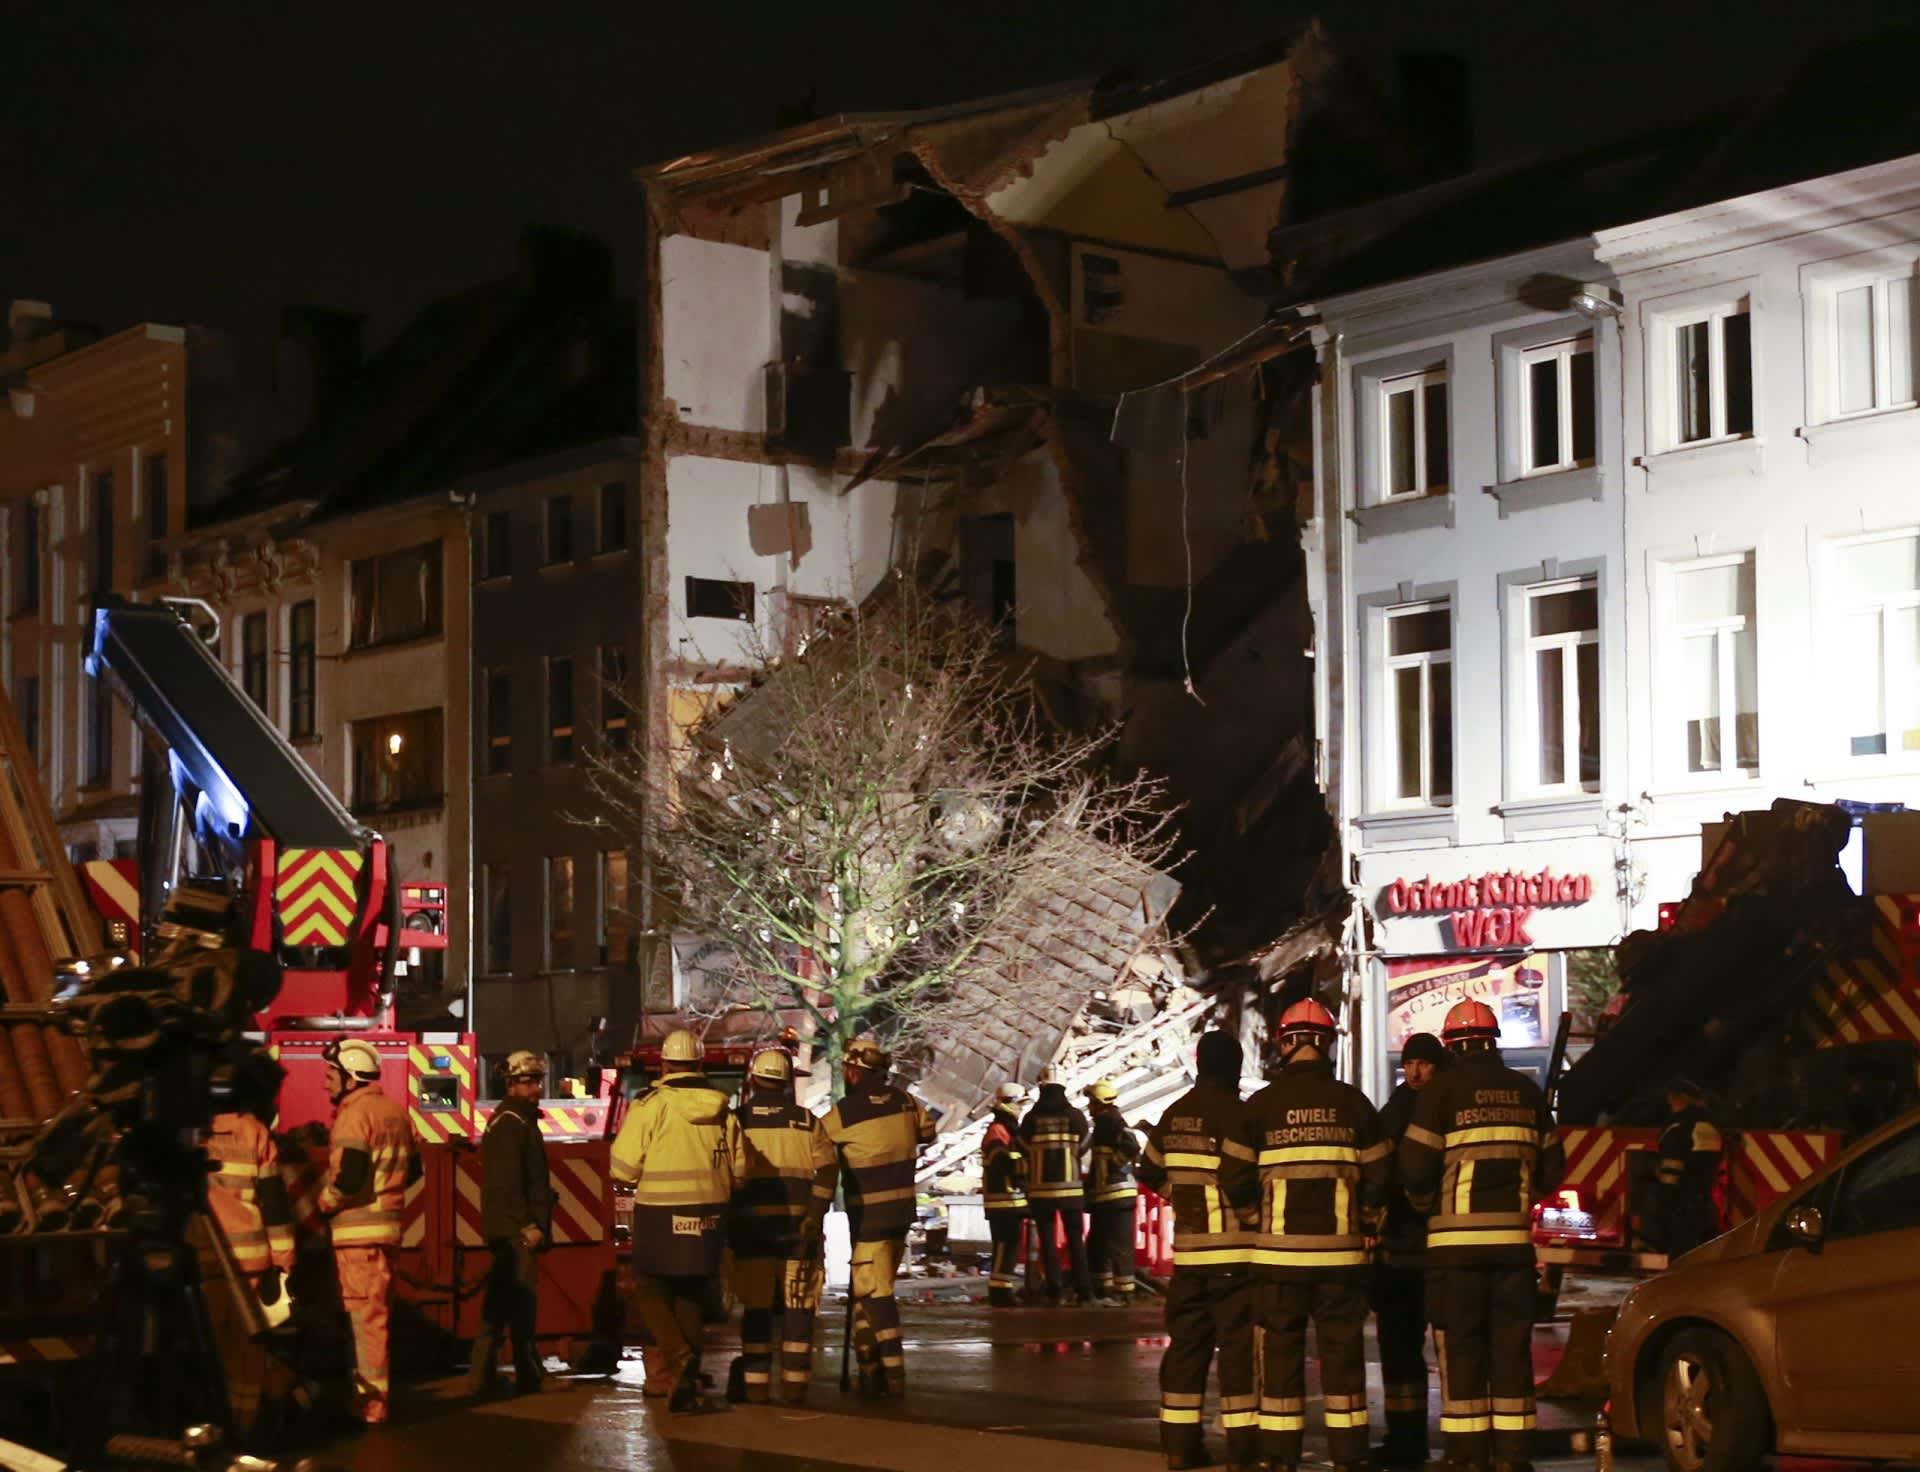 Kuvassa pelastustyöntekijät seisovat onnettomuuspaikalla ja katsovat näkyä, jossa kerrostalon koko julkisivu on irronnut ja tuhoutunut.